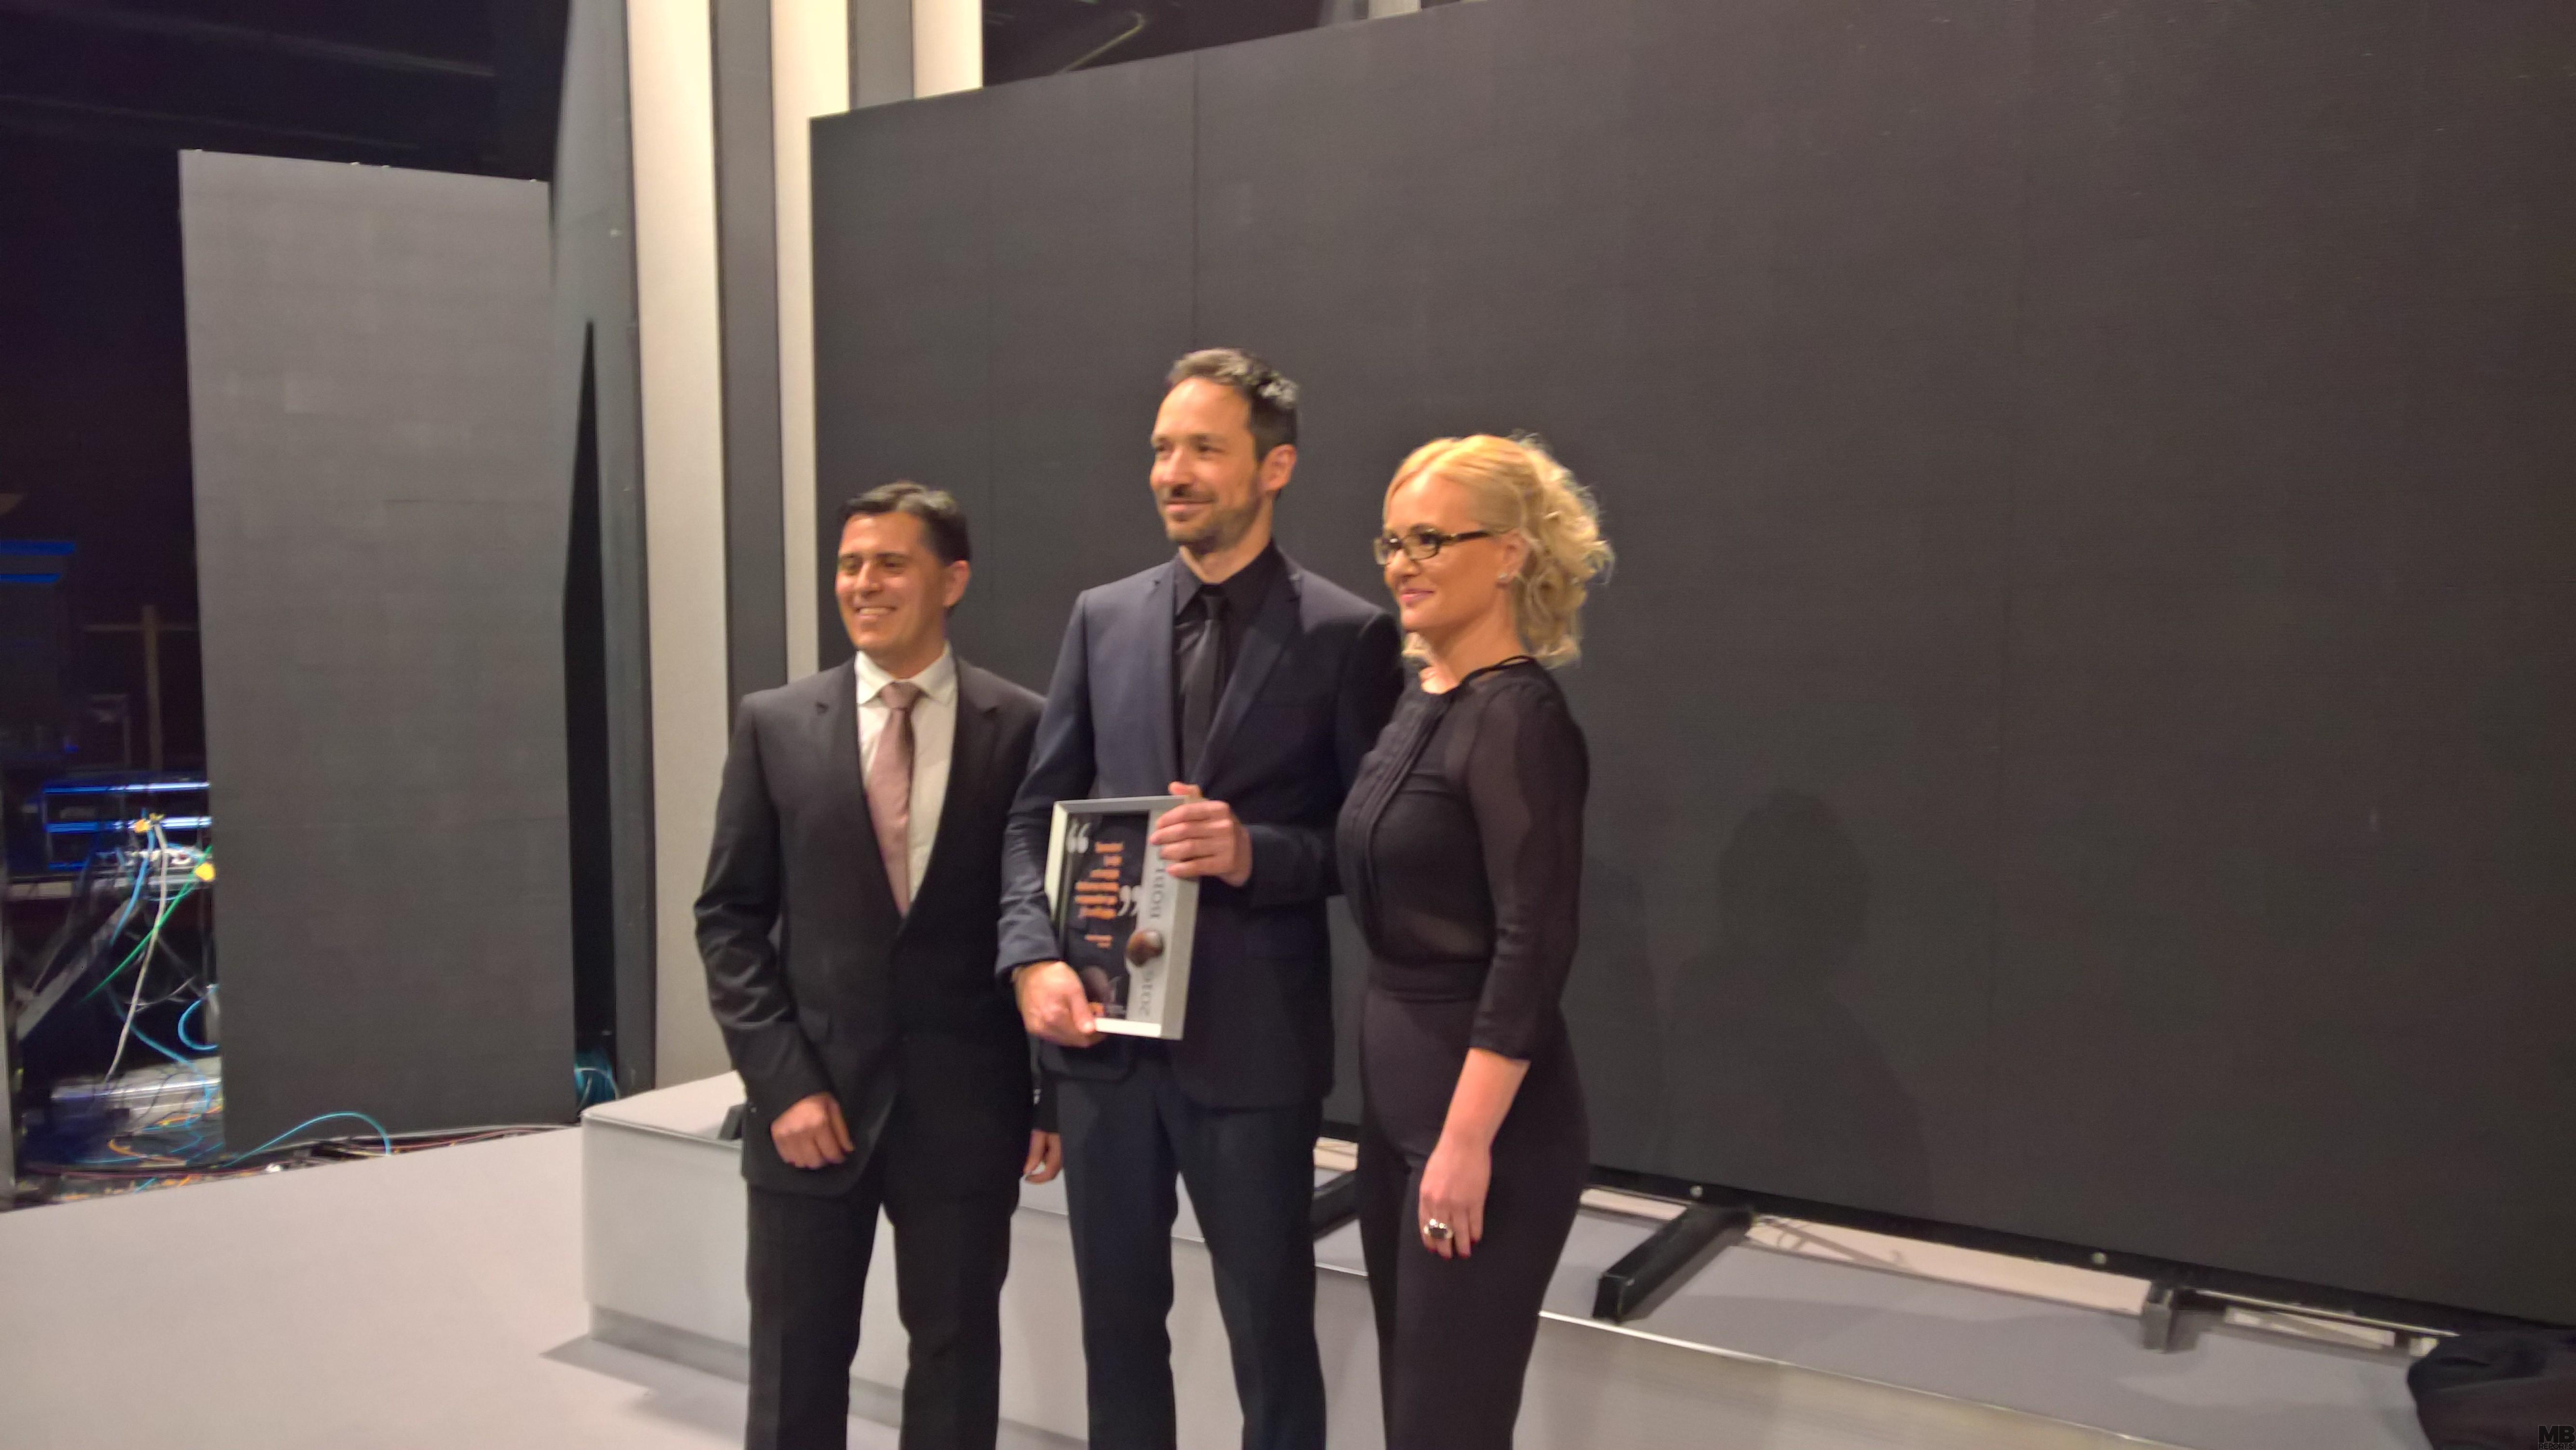 Katja Šeruga, odgovorna urednika Večera; Hasim Franjo Naji, zdravnik; Sašo Todorovič, direktor Večera